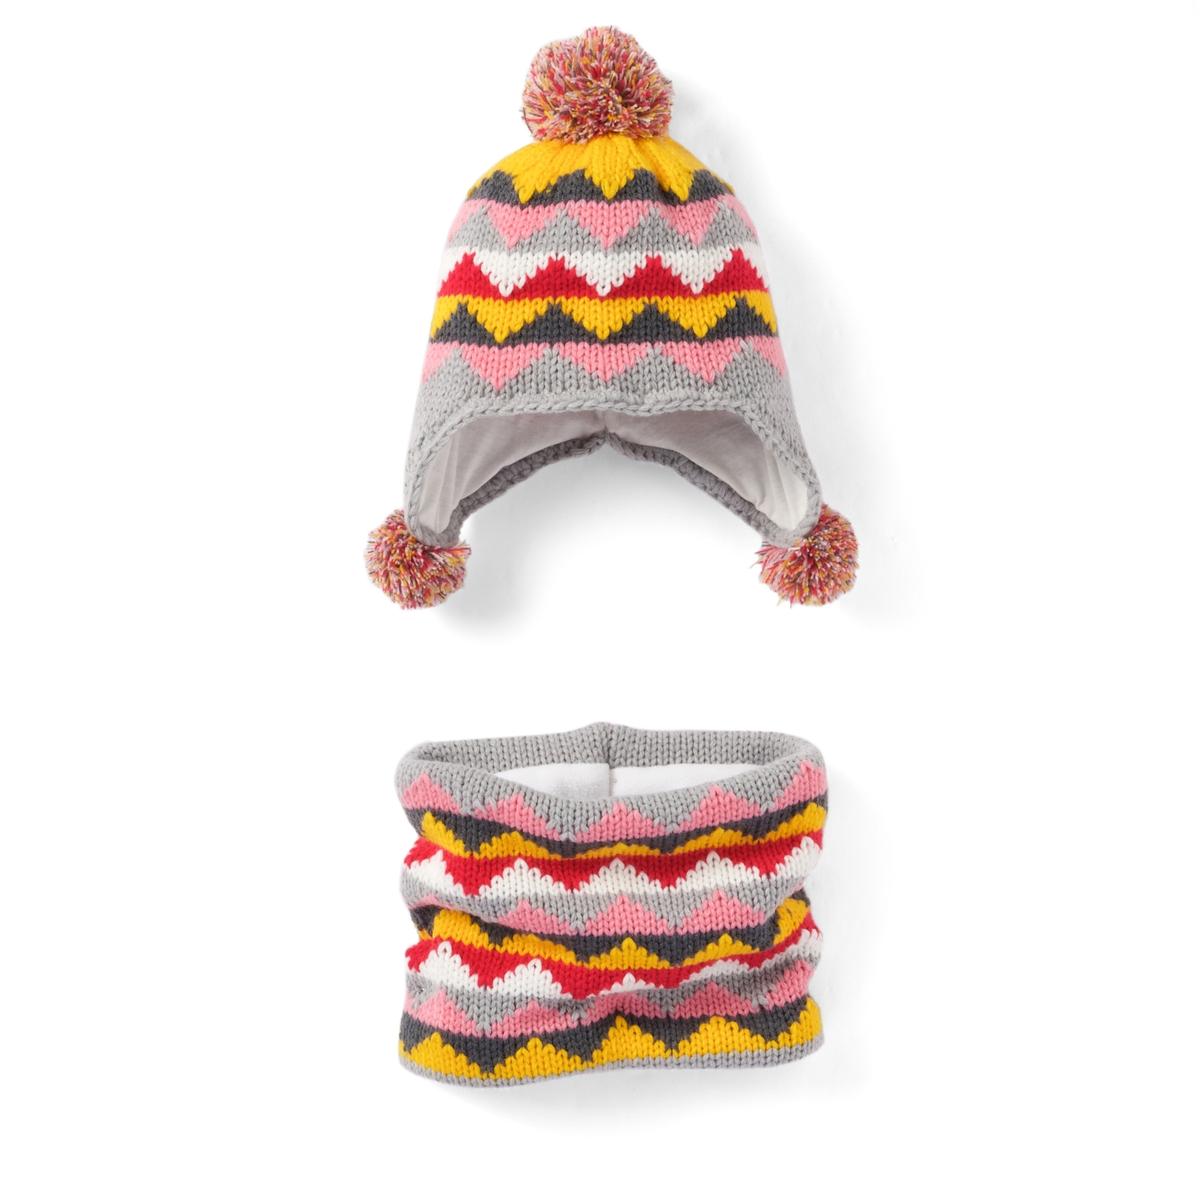 Шапка и шарф в перуанском стилеКрасивая шапочка с помпонами и шарф в ярких перуанских цветах : отличный выбор для зимы! Состав и описаниеМатериал : шапочка из акрила Шарф из акрила на подкладке из полиэстера Размеры 17 см. Уход : Просьба следовать советам по уходу, указанным на этикетке.<br><br>Цвет: жакард<br>Размер: 54 см.52 см.56 см